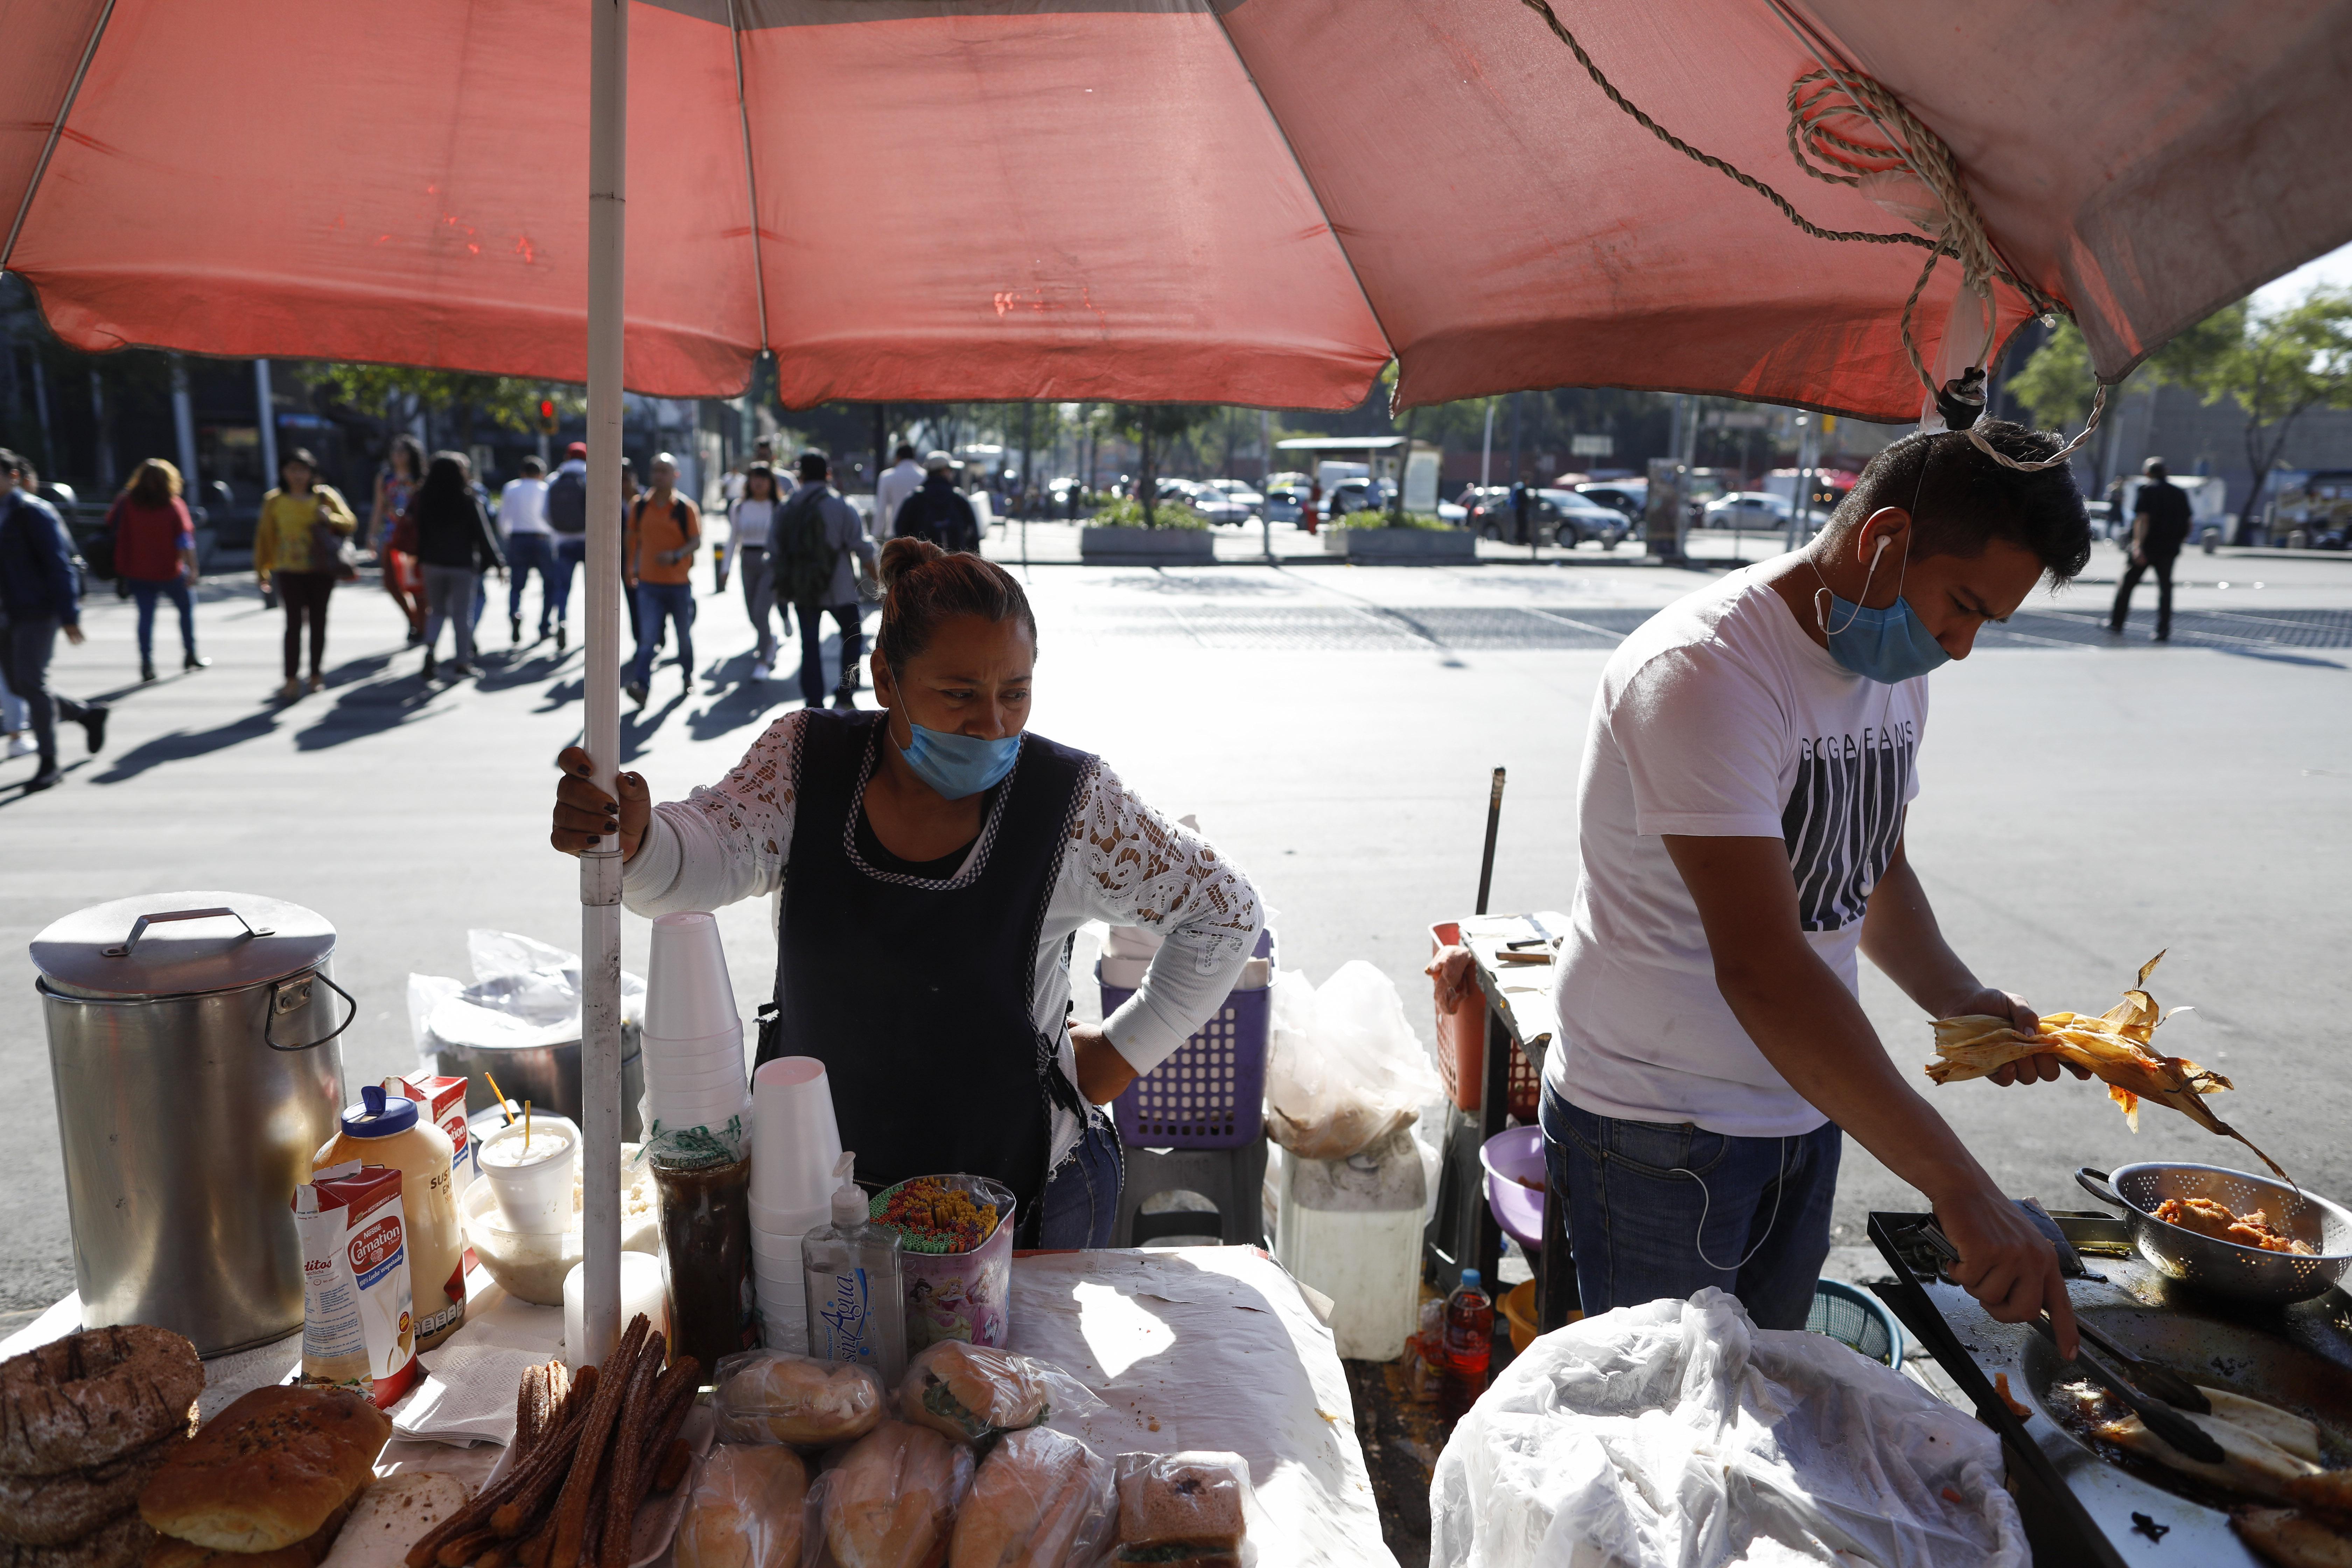 """Lourdes Sanvicente, de 45 años, a la izquierda, y un compañero de trabajo usan máscaras protectoras mientras venden tamales, sándwiches y pasteles en un puesto callejero en la Ciudad de México, el miércoles 25 de marzo de 2020. Sanvicente, quien duda La existencia del nuevo coronavirus, dice que tanto ella como su esposo trabajan como vendedores ambulantes de alimentos, y juntos ganan 320 pesos (alrededor de $ 13.50) por día para mantenerse a sí mismos y a sus cinco hijos. """"No hay otra opción"""", dice, """"tengo que mantener a mis hijos""""."""